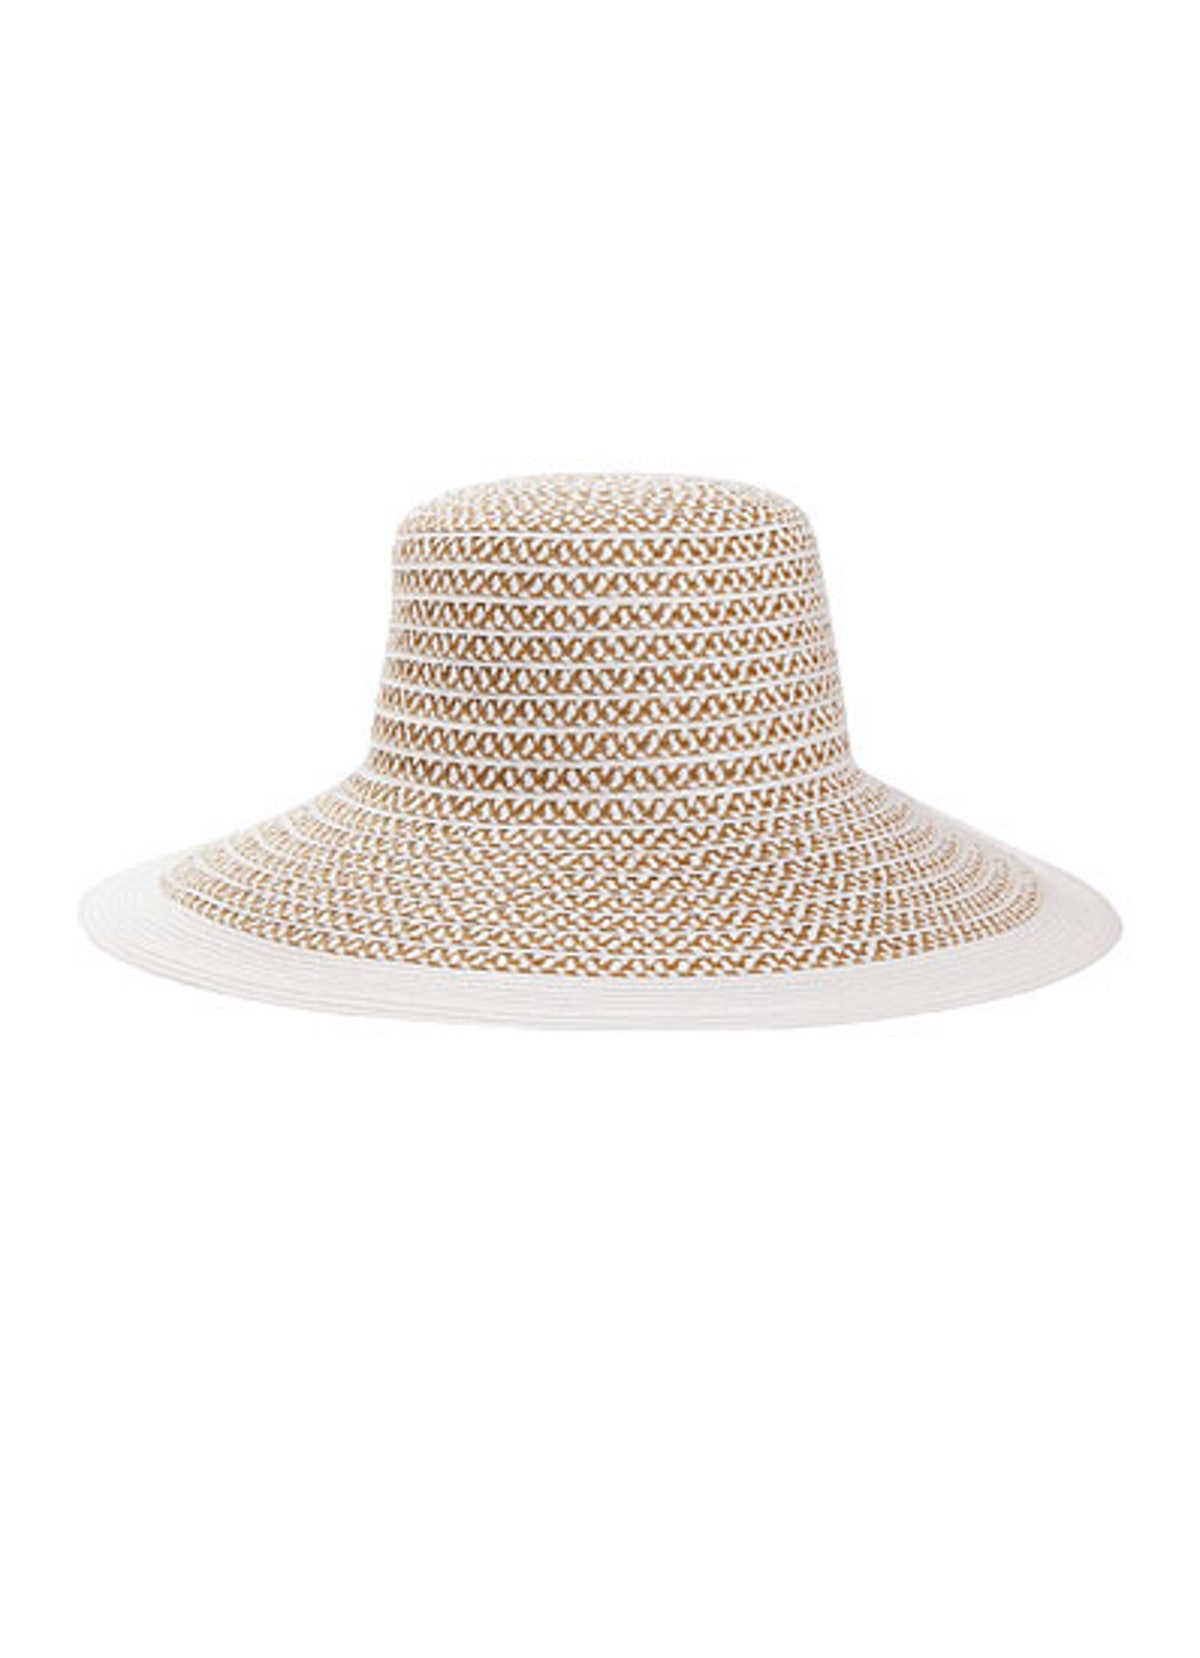 acss-summer-hats-05-v.jpg